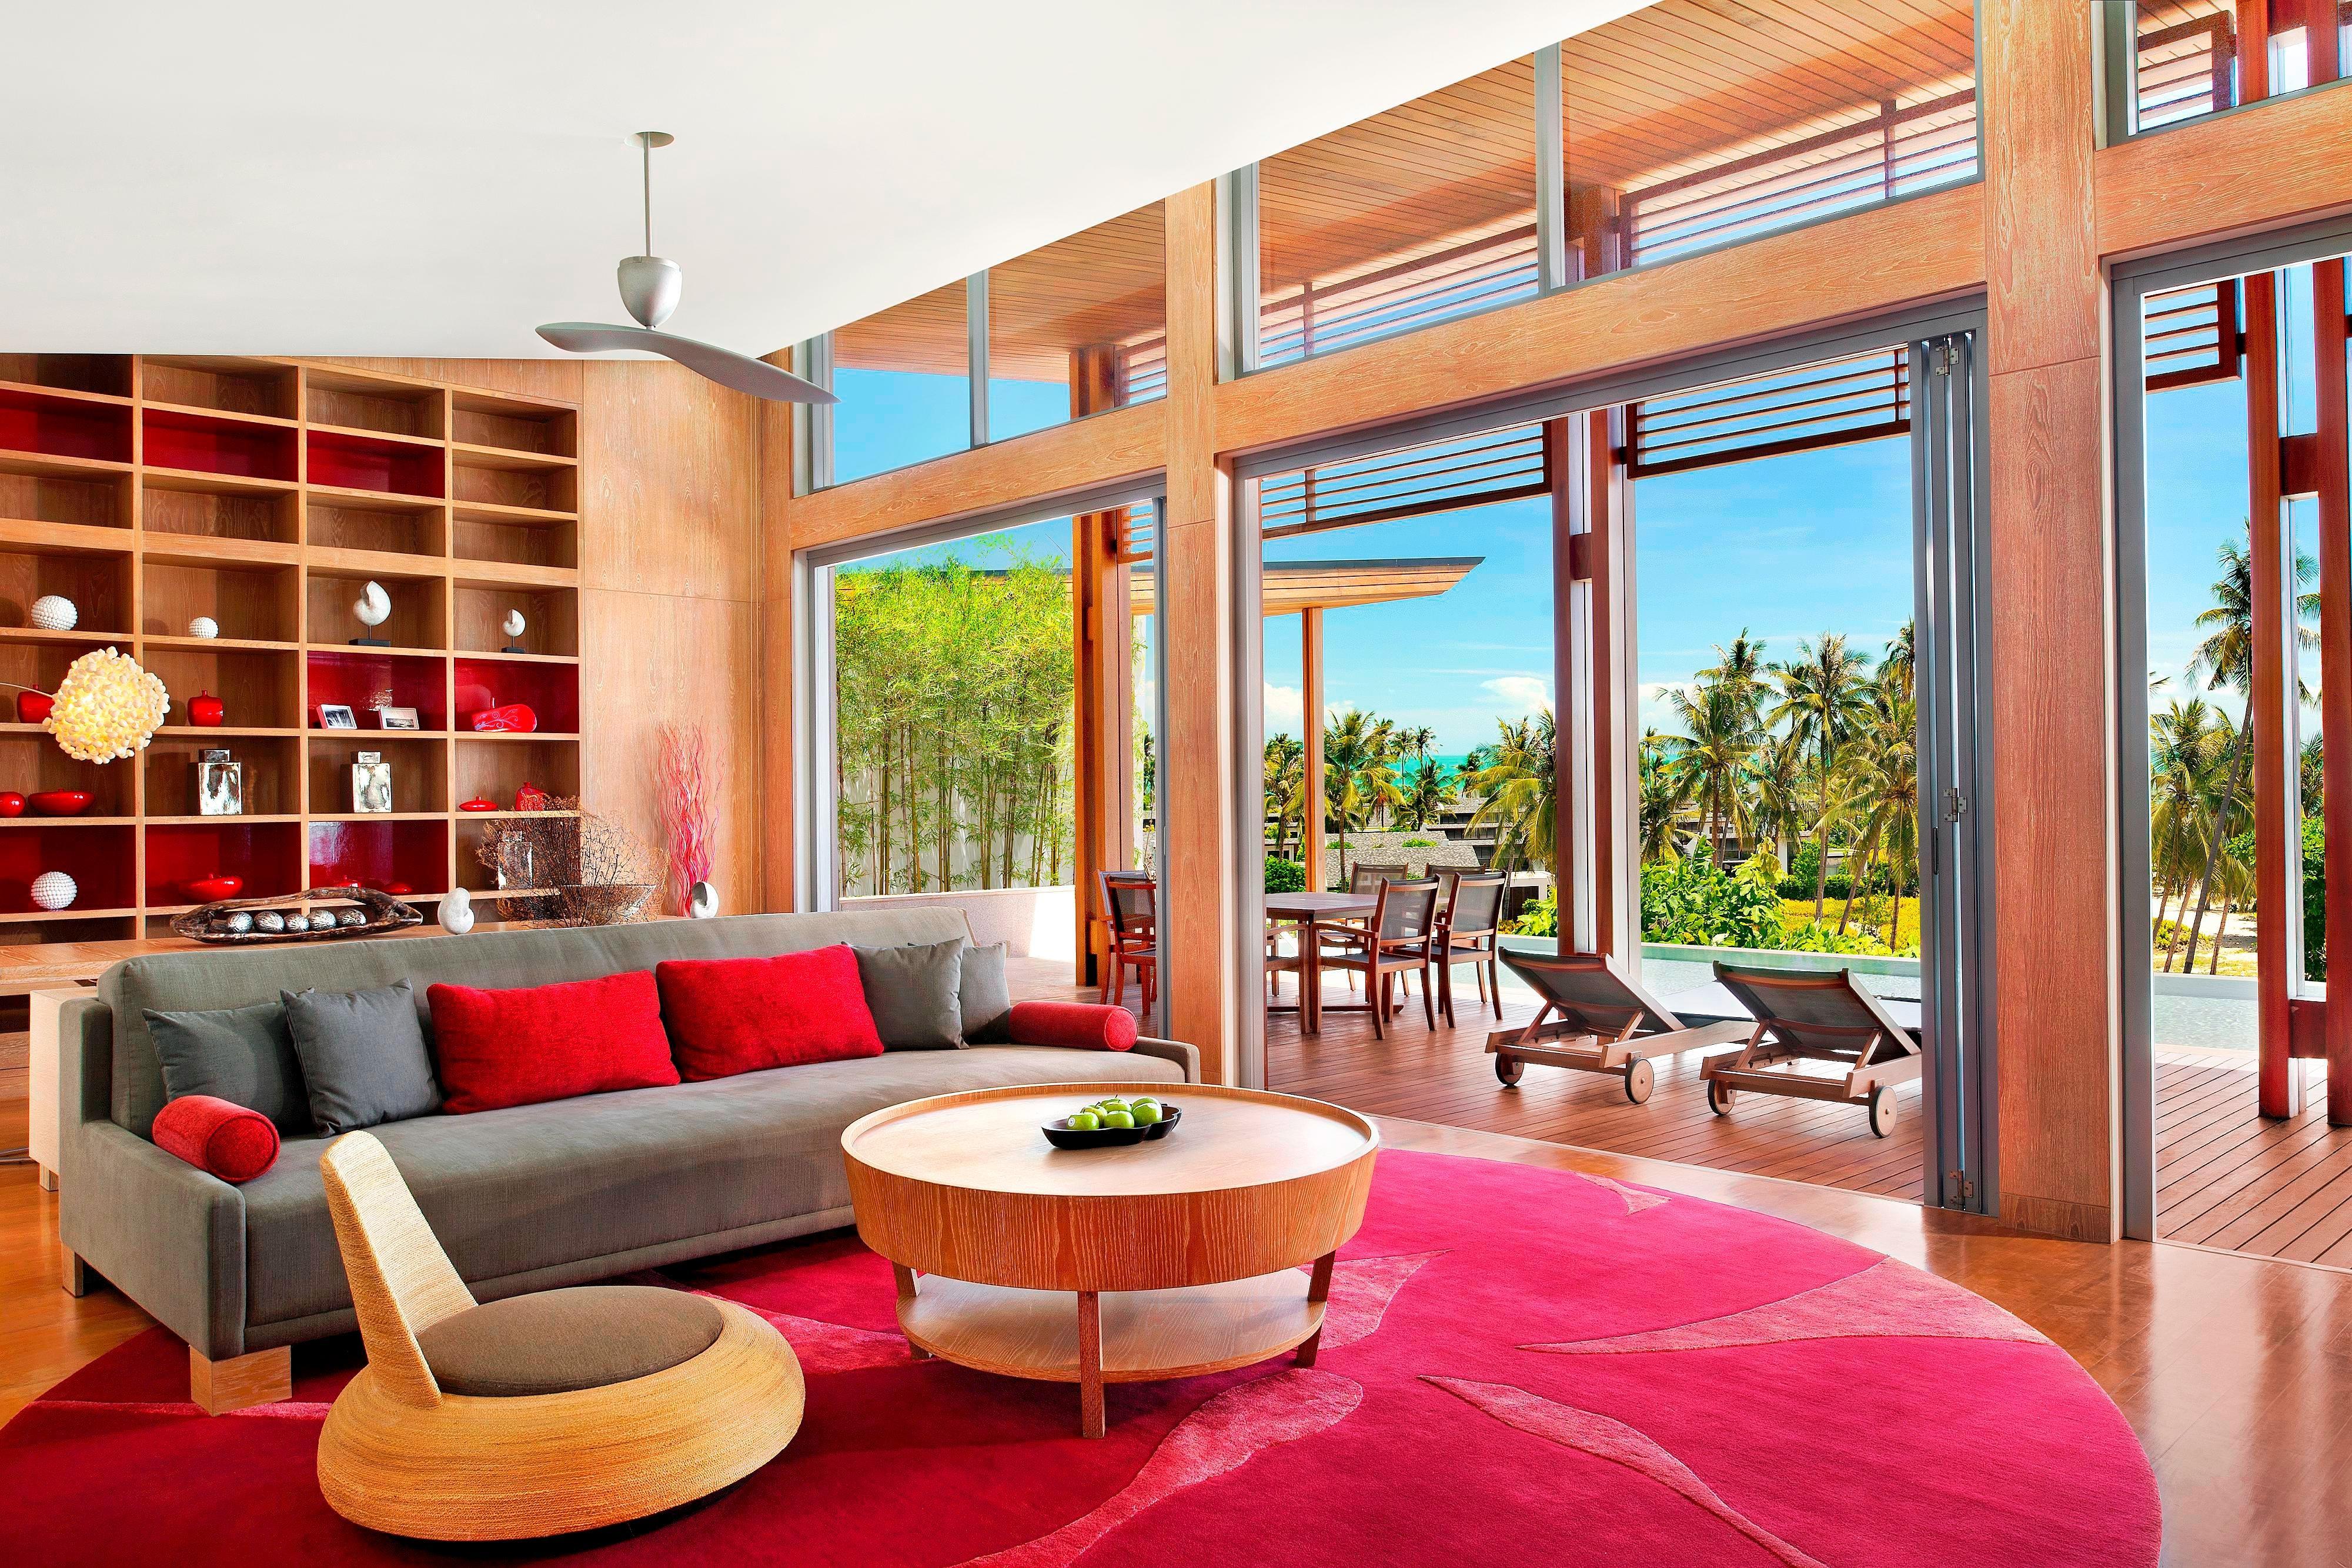 Residence - Living Room